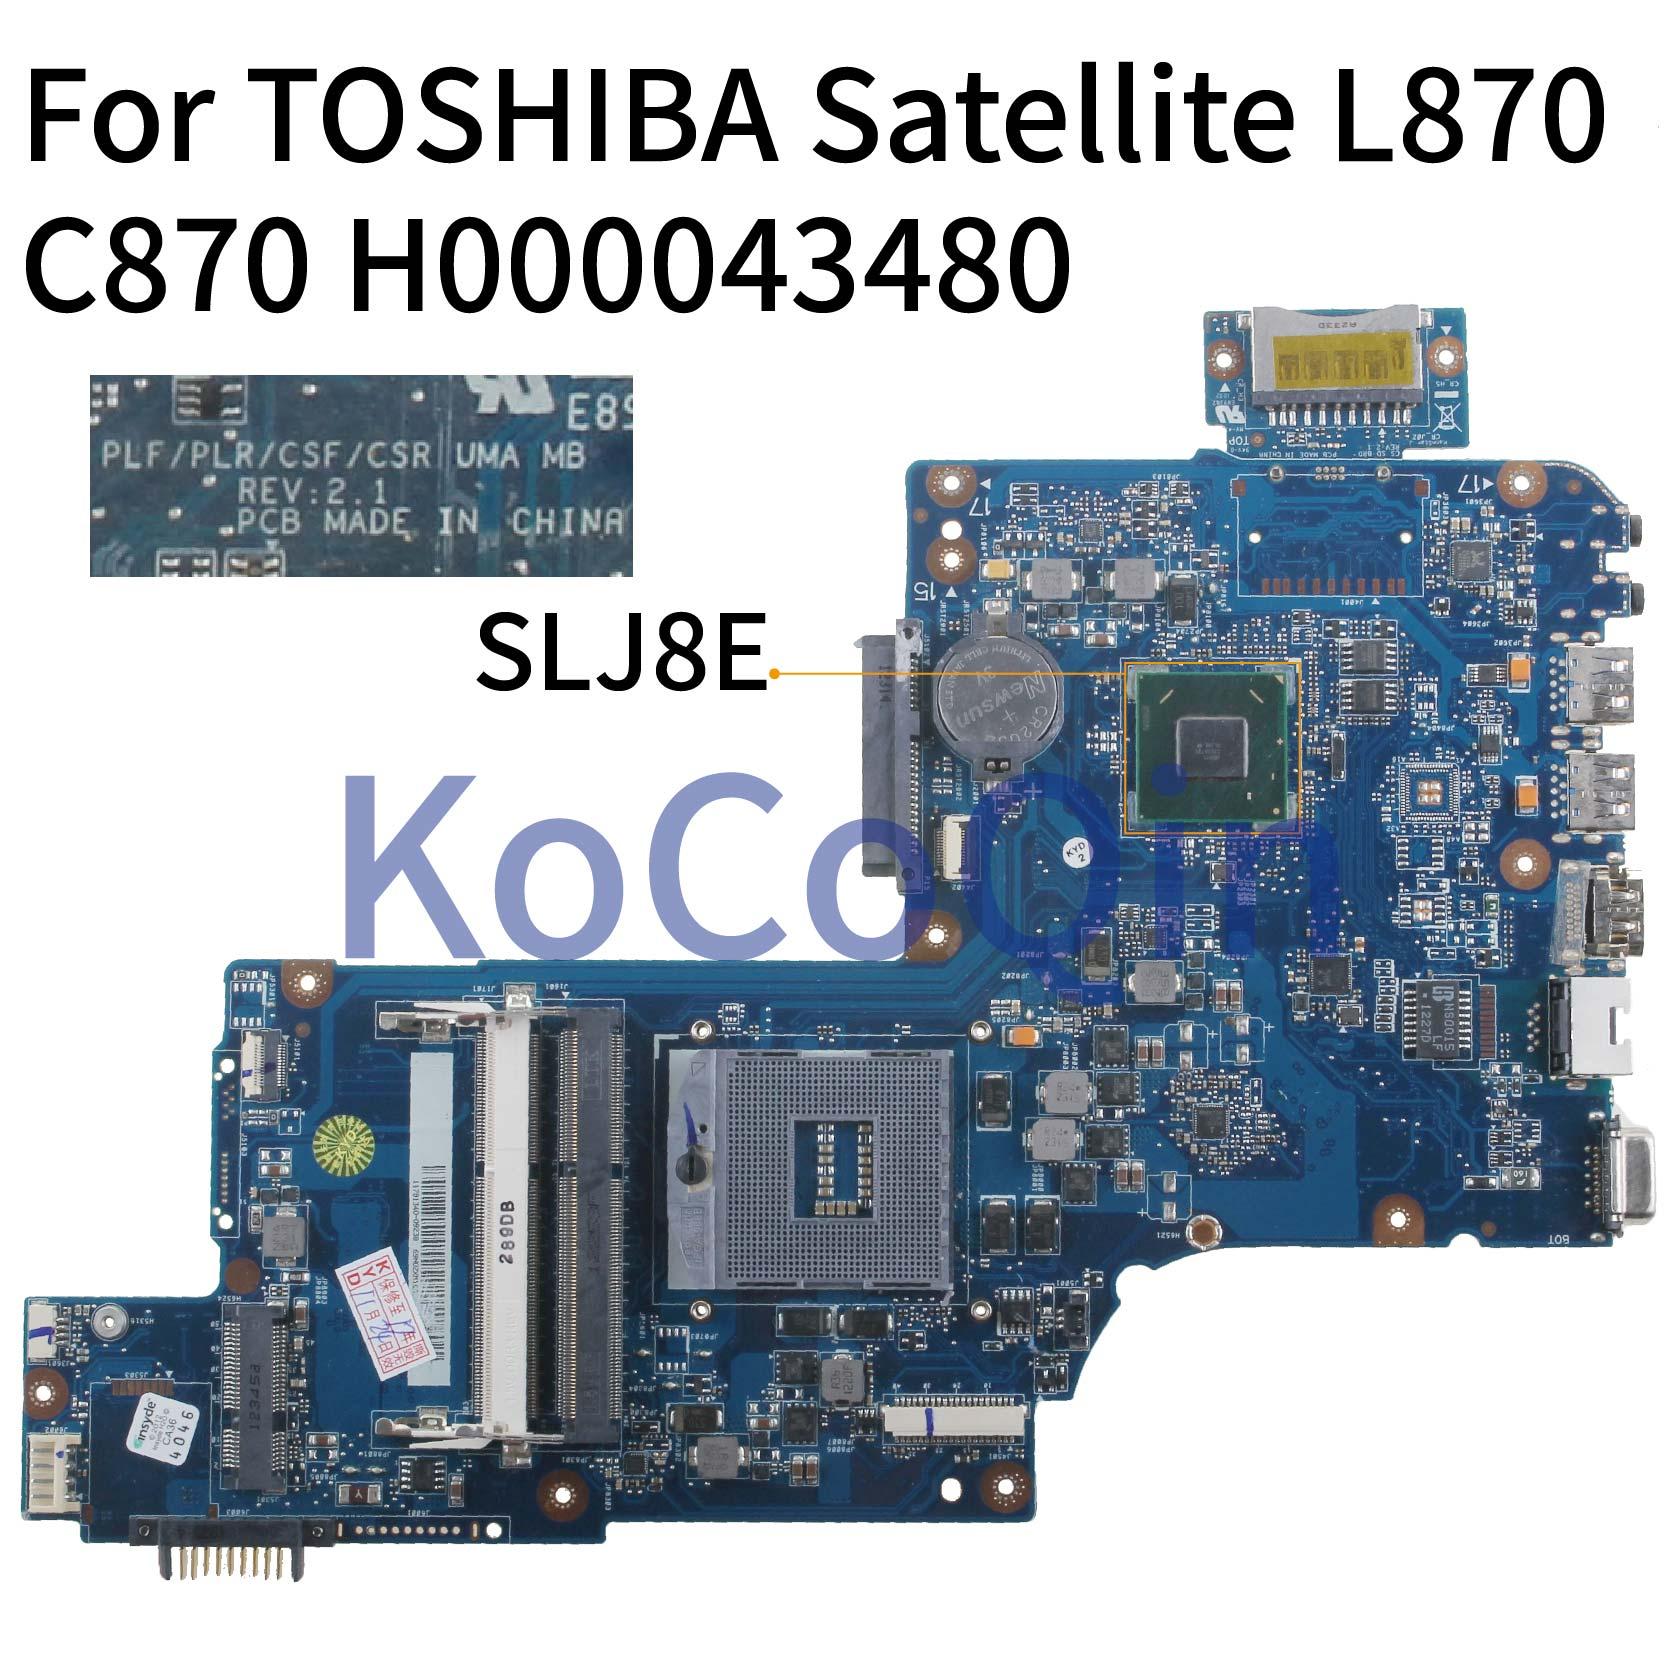 KoCoQin اللوحة الأم لأجهزة الكمبيوتر المحمول توشيبا الأقمار الصناعية C870 C875 L870 L875 S875 HM76 PLF/PLR/CSF/CSR اللوحة الرئيسية H000043480 SLJ8E